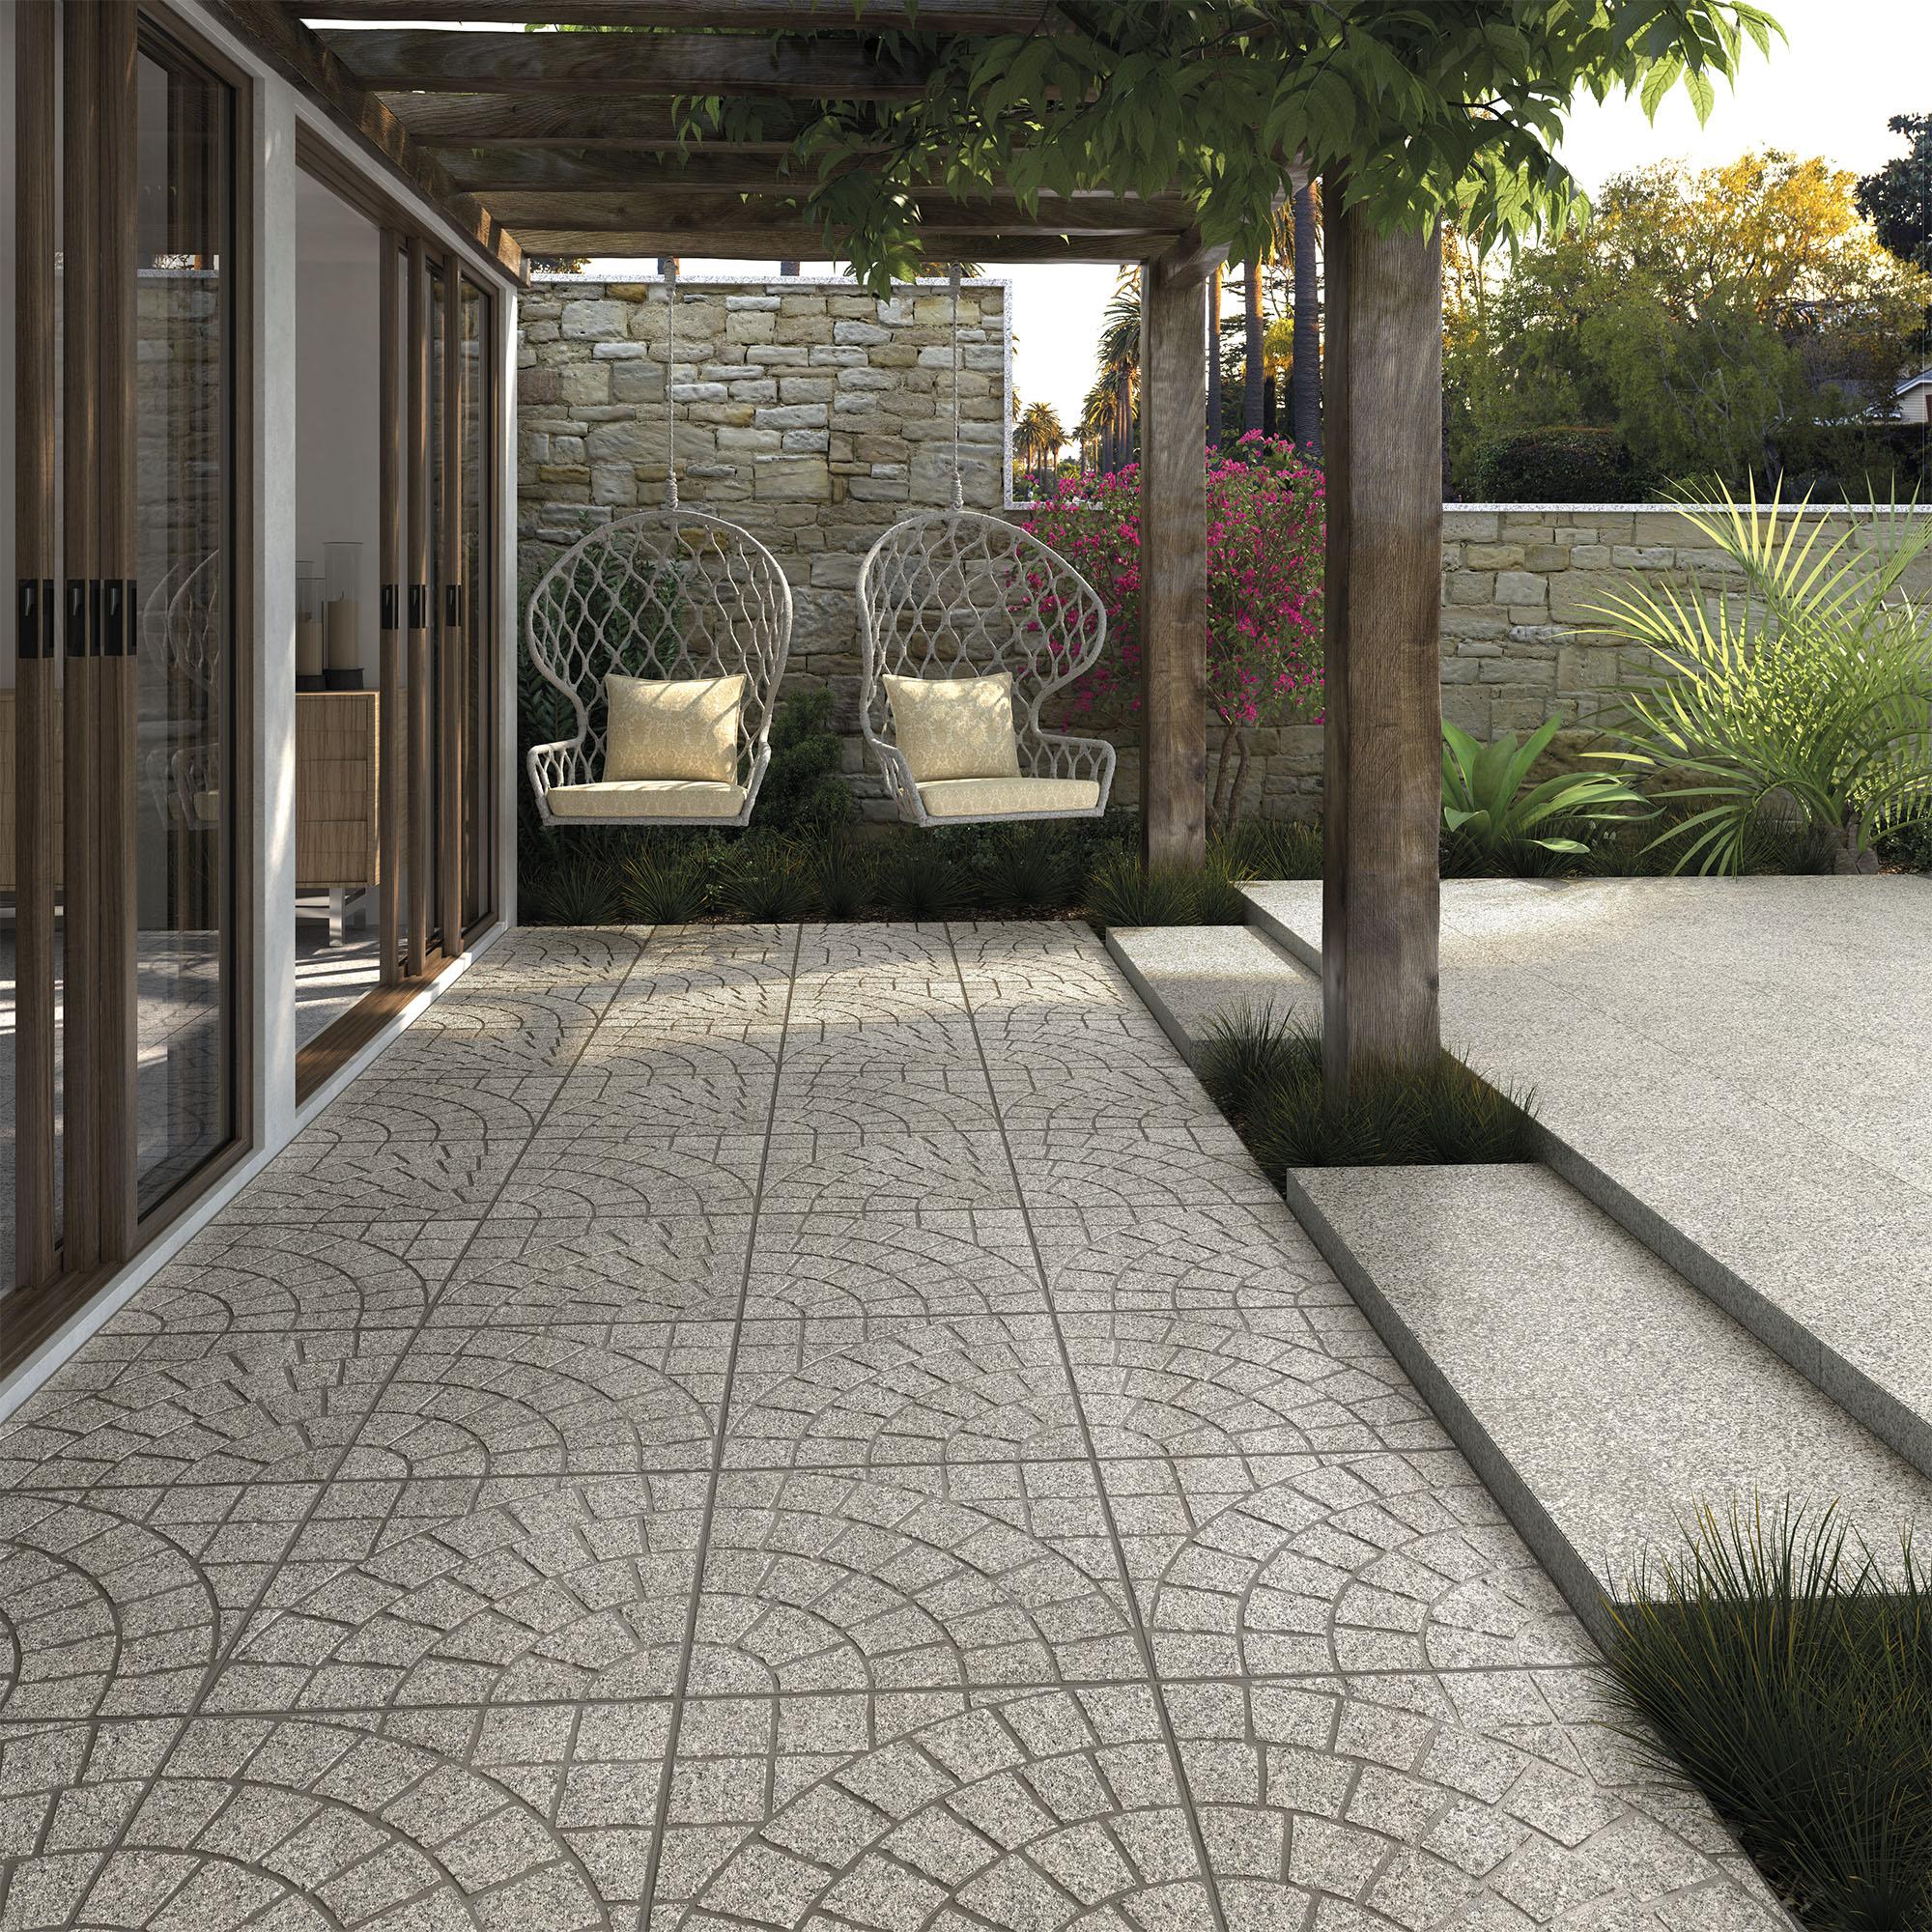 granit-dlazba-venkovni-imitace-kamene-60x60-02